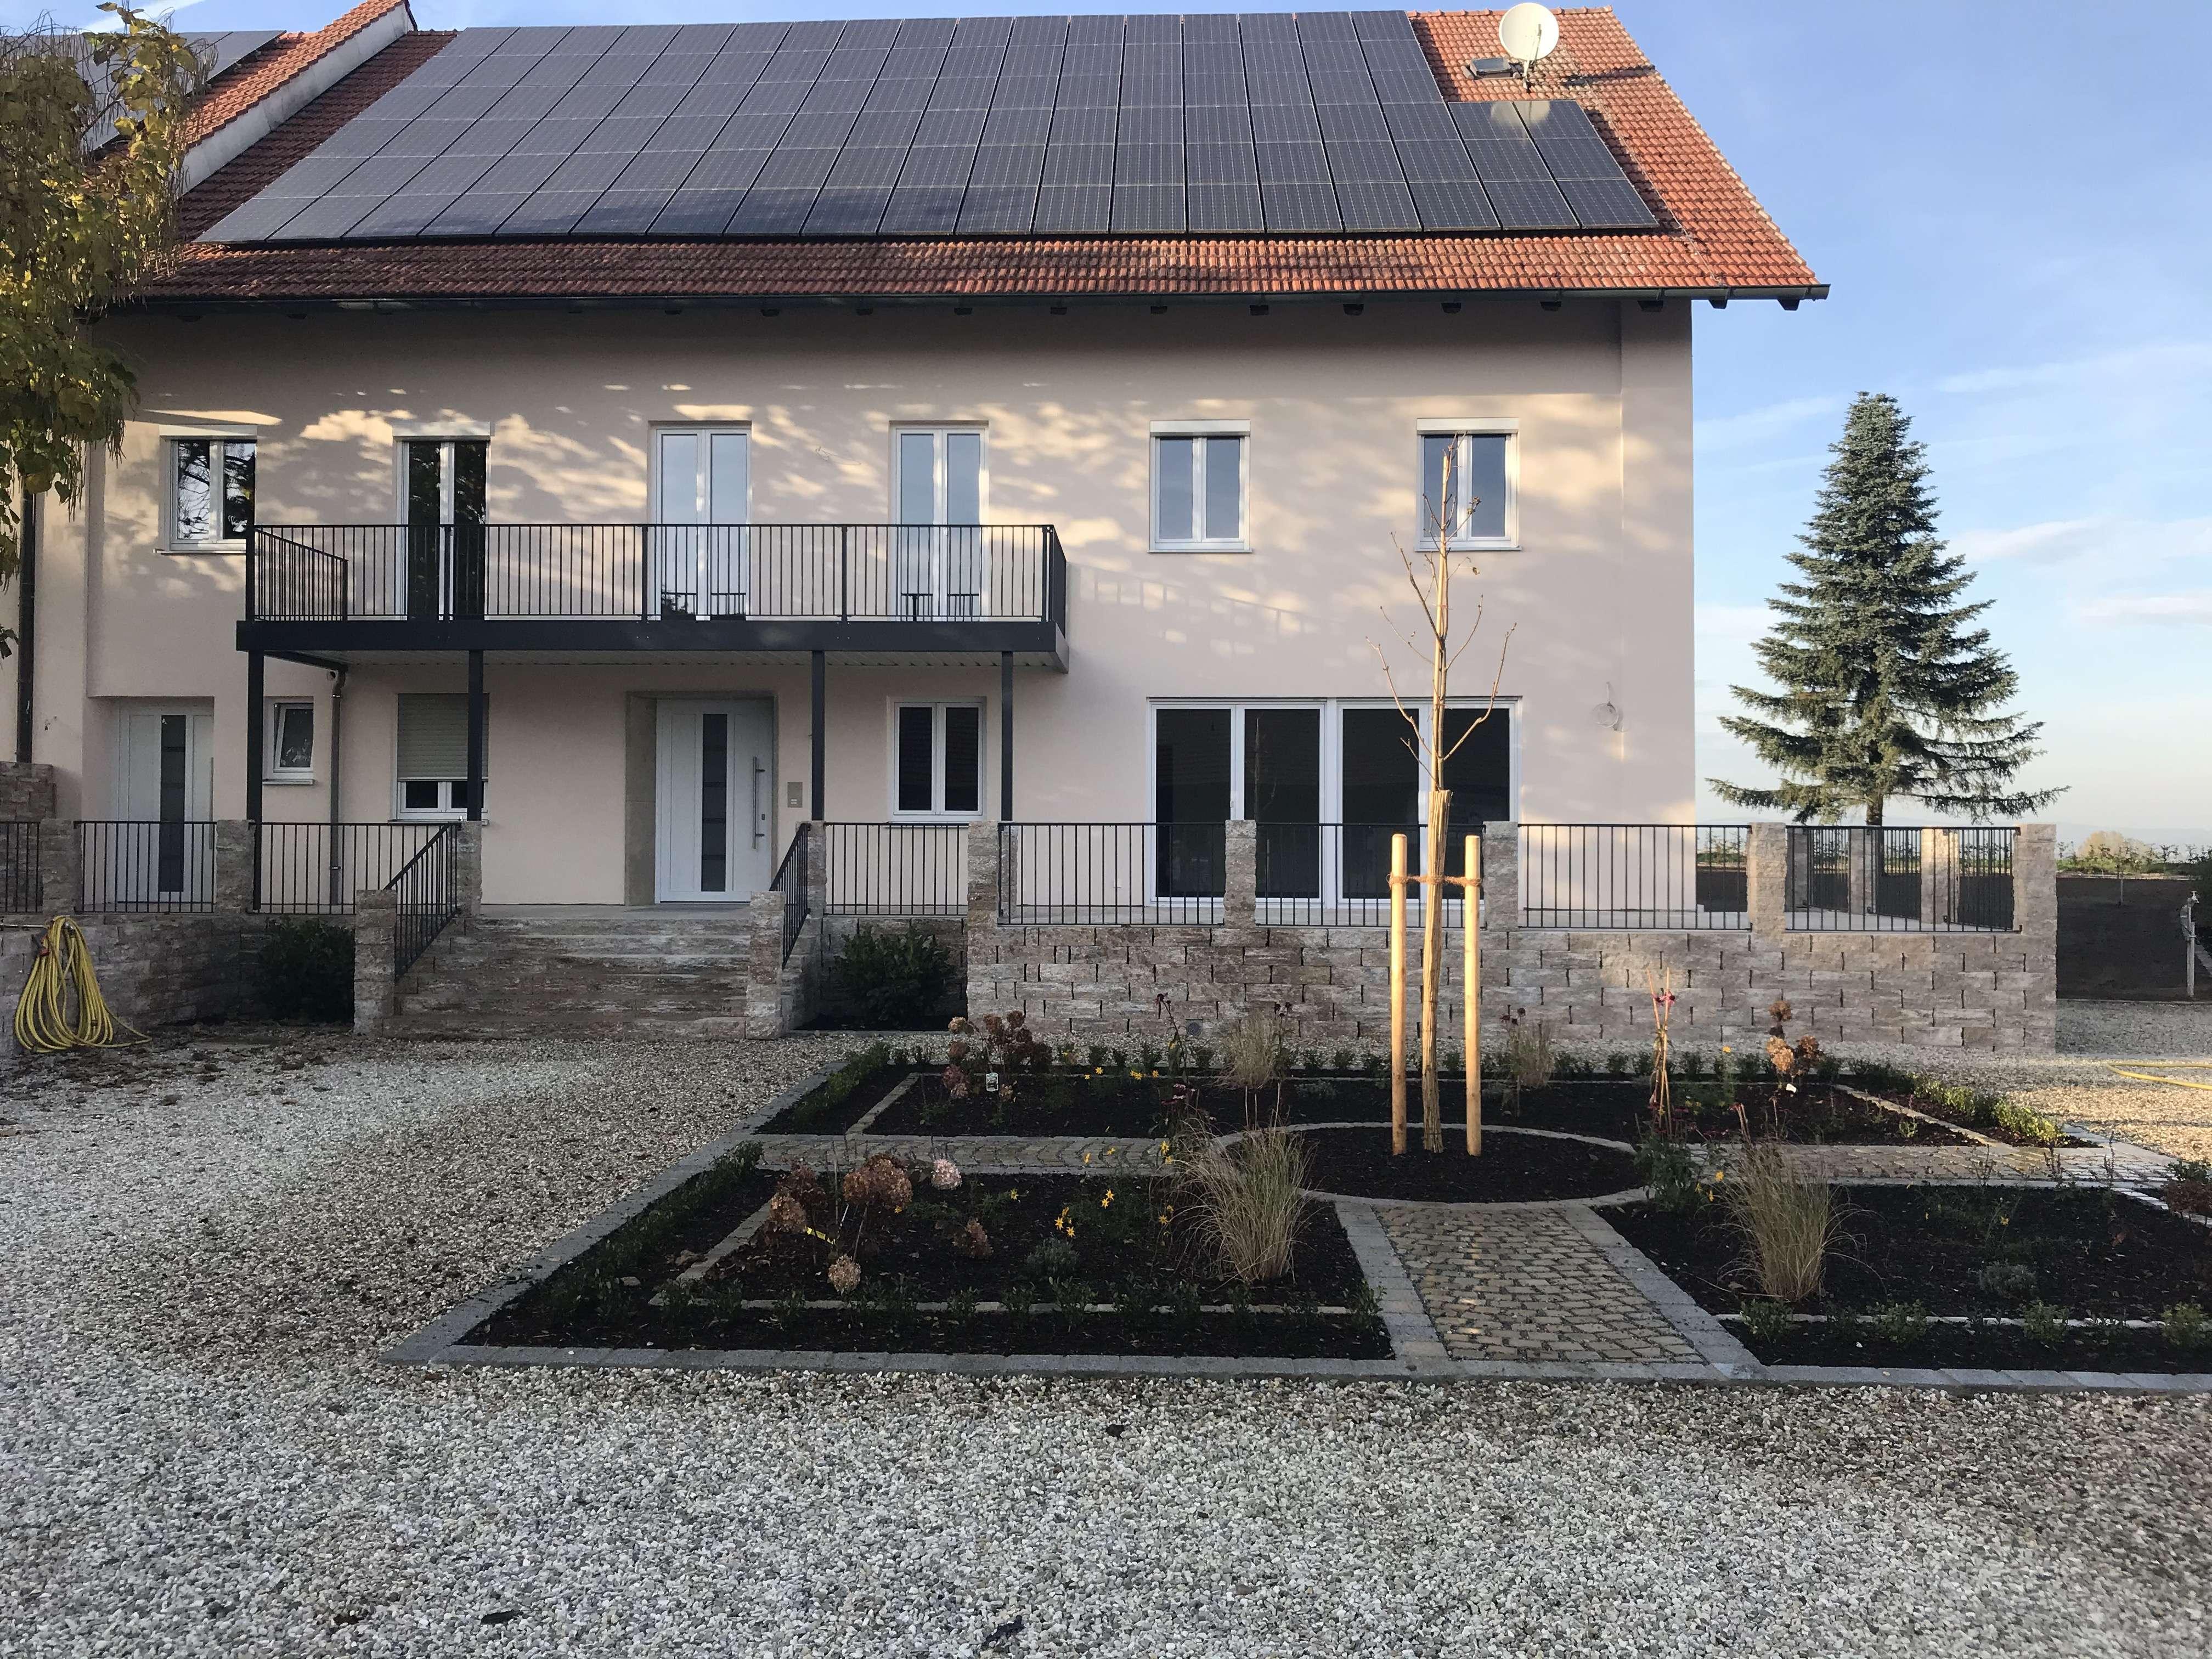 Erstbezug nach Sanierung: attraktive 4-Zimmer-EG-Wohnung mit Terrasse in Feldkirchen in Feldkirchen (Straubing-Bogen)